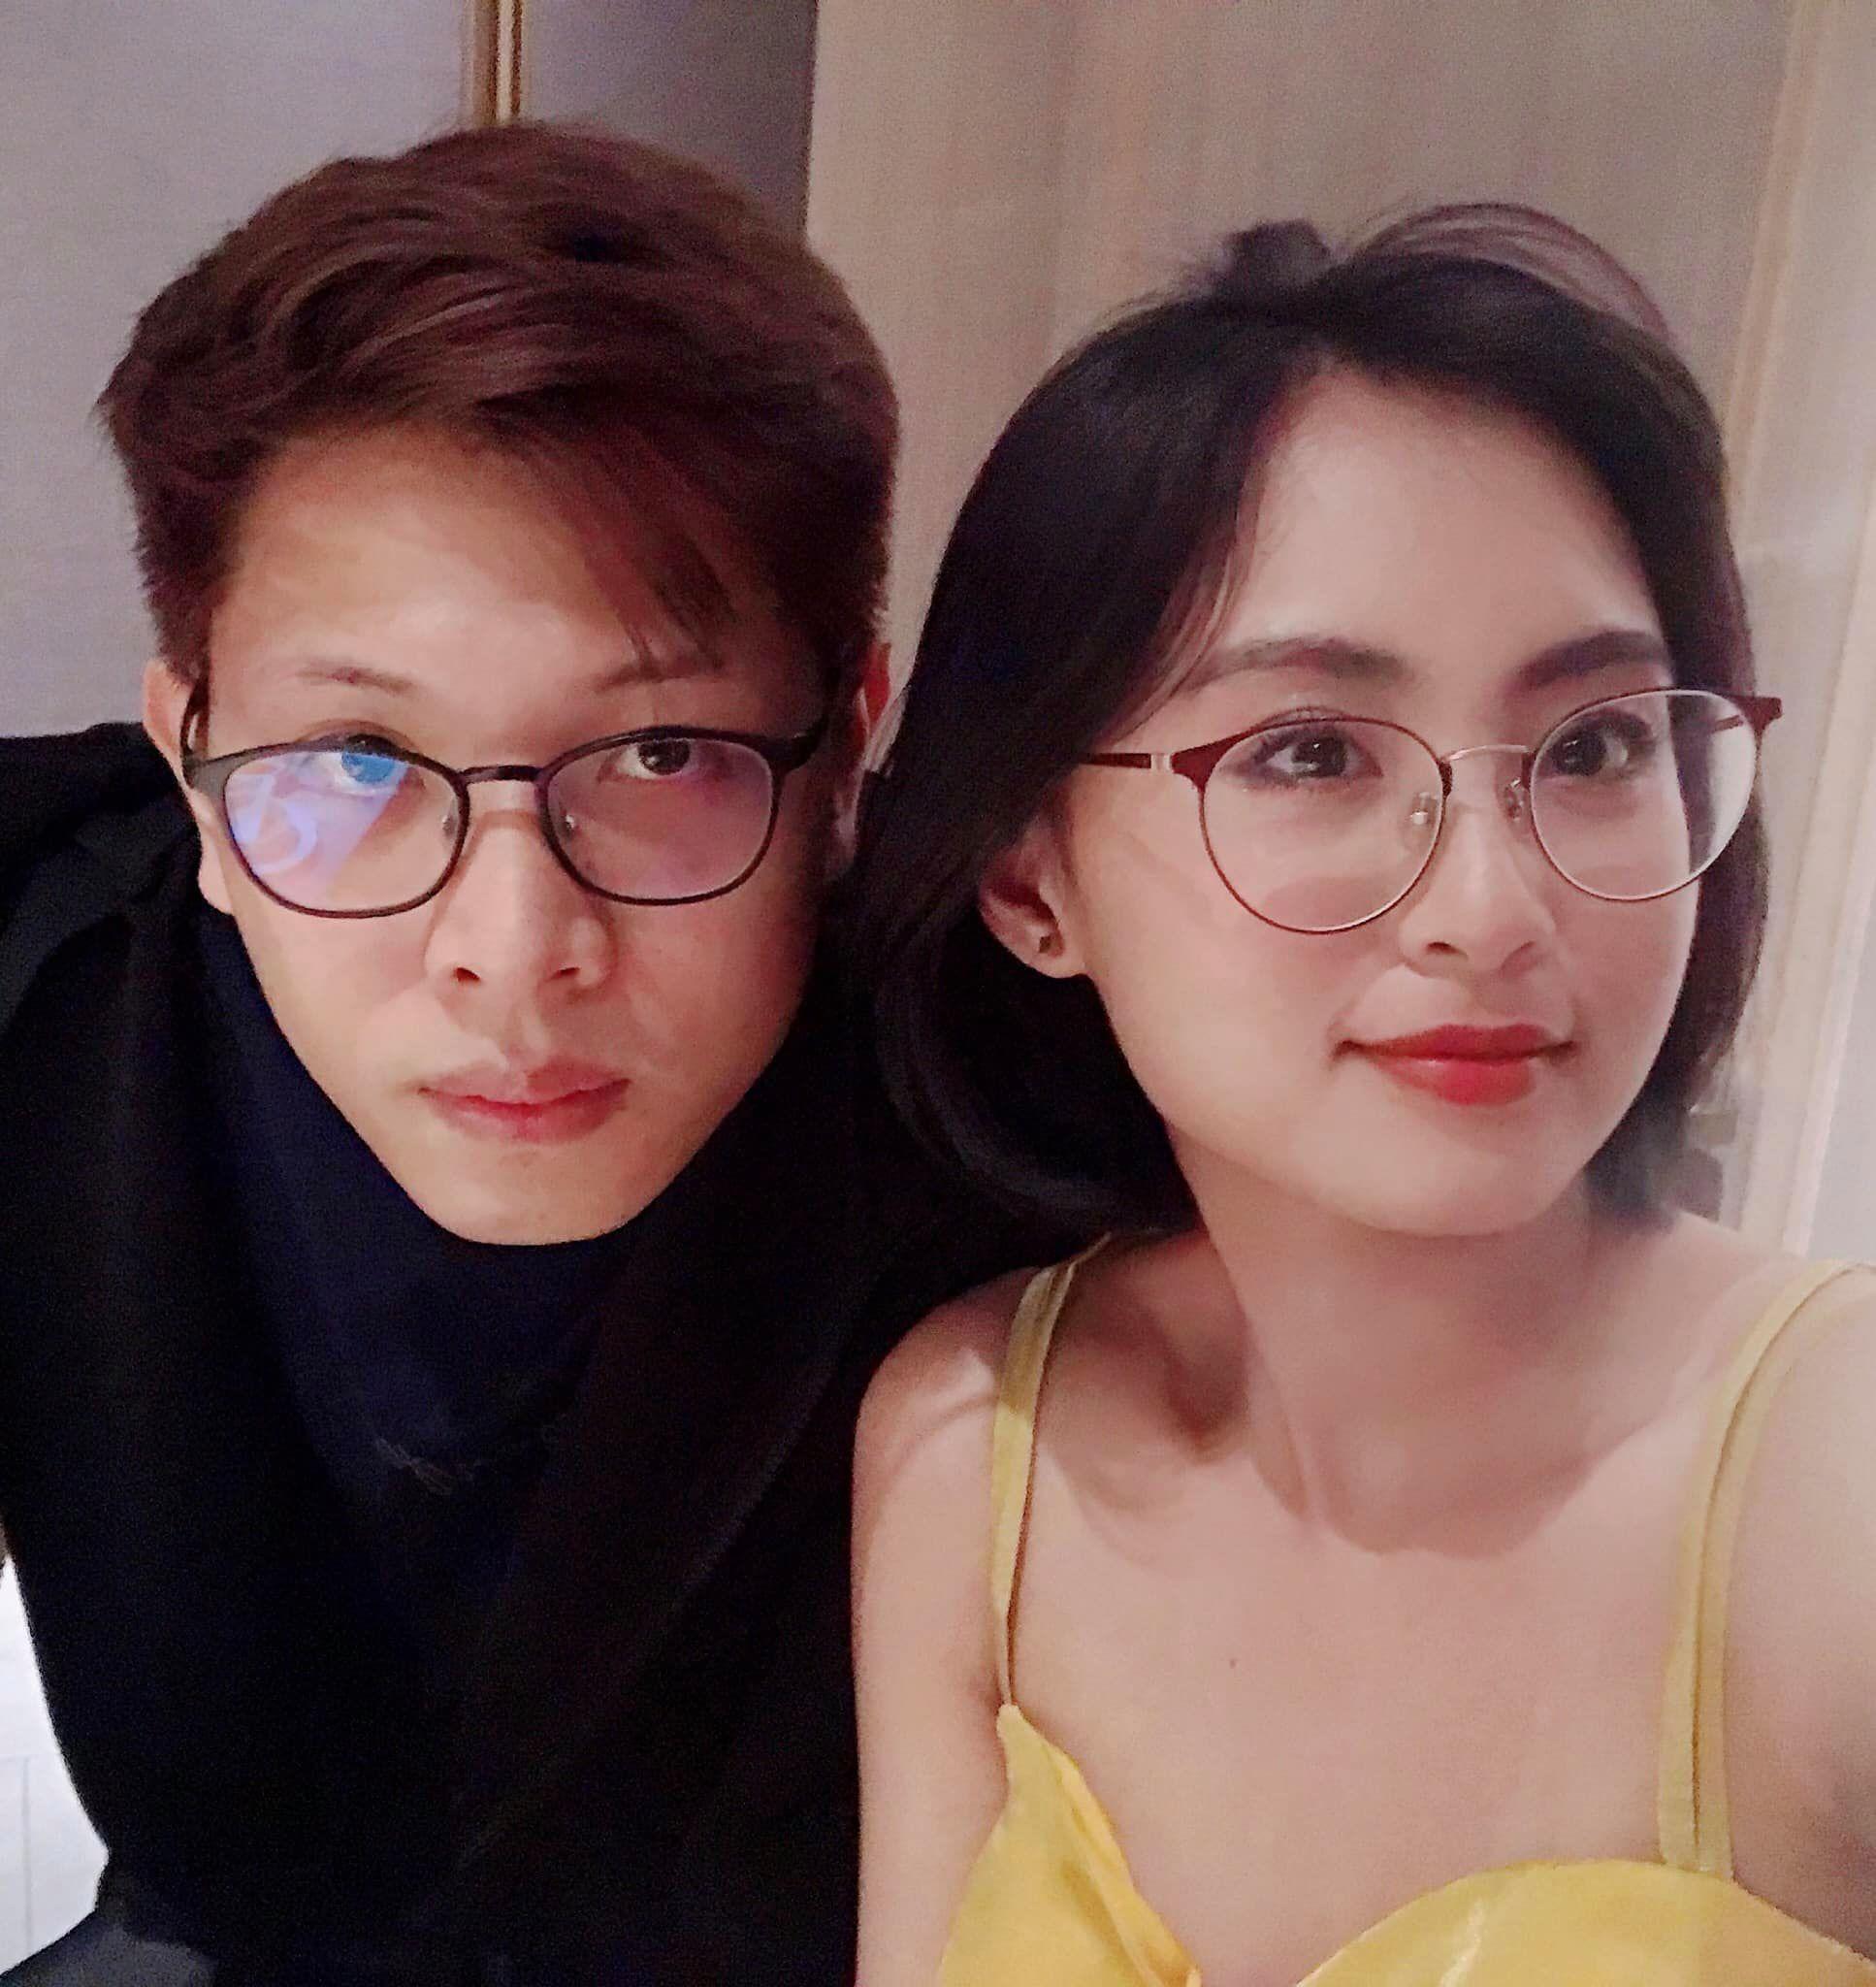 Một số hình ảnh khác của cặp đôi Bomman - Minh Nghi